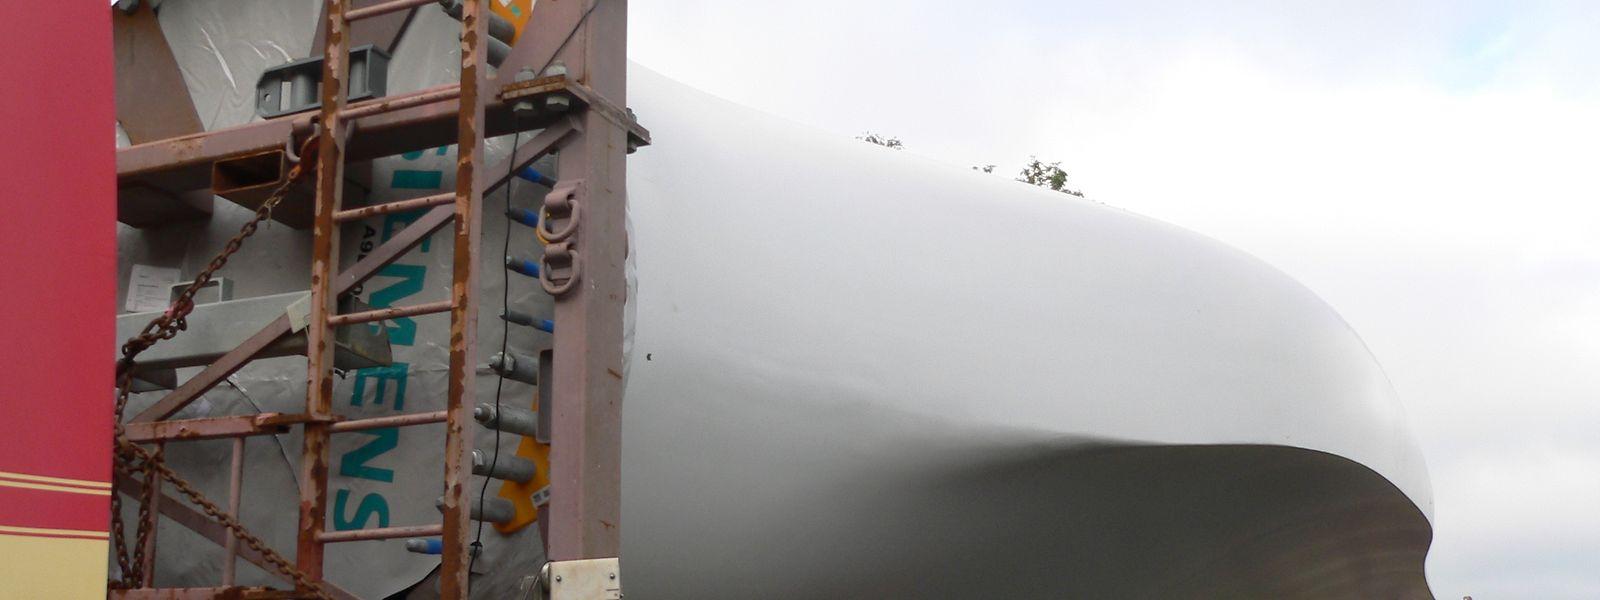 Archivaufnahmen eines Schwertransports mit Rotorblättern.